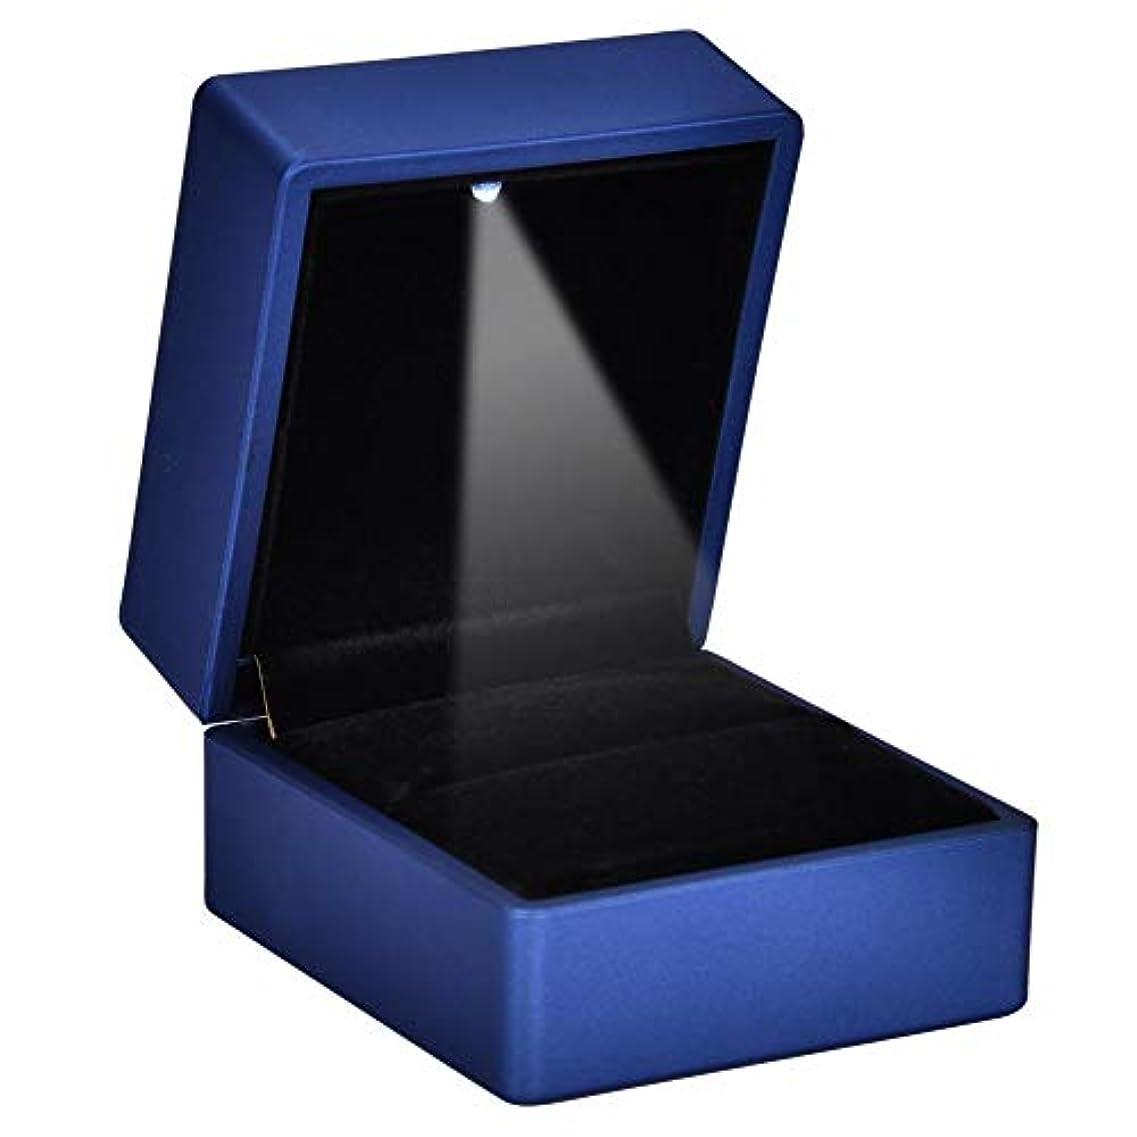 揺れる着服焦げ2種類ファッショナブルなLEDリングボックス - 内部LED照明付きリングケース、ジュエリーホルダーリング収納ケース、結婚式の提案(ブルー-90 * 70 * 35)